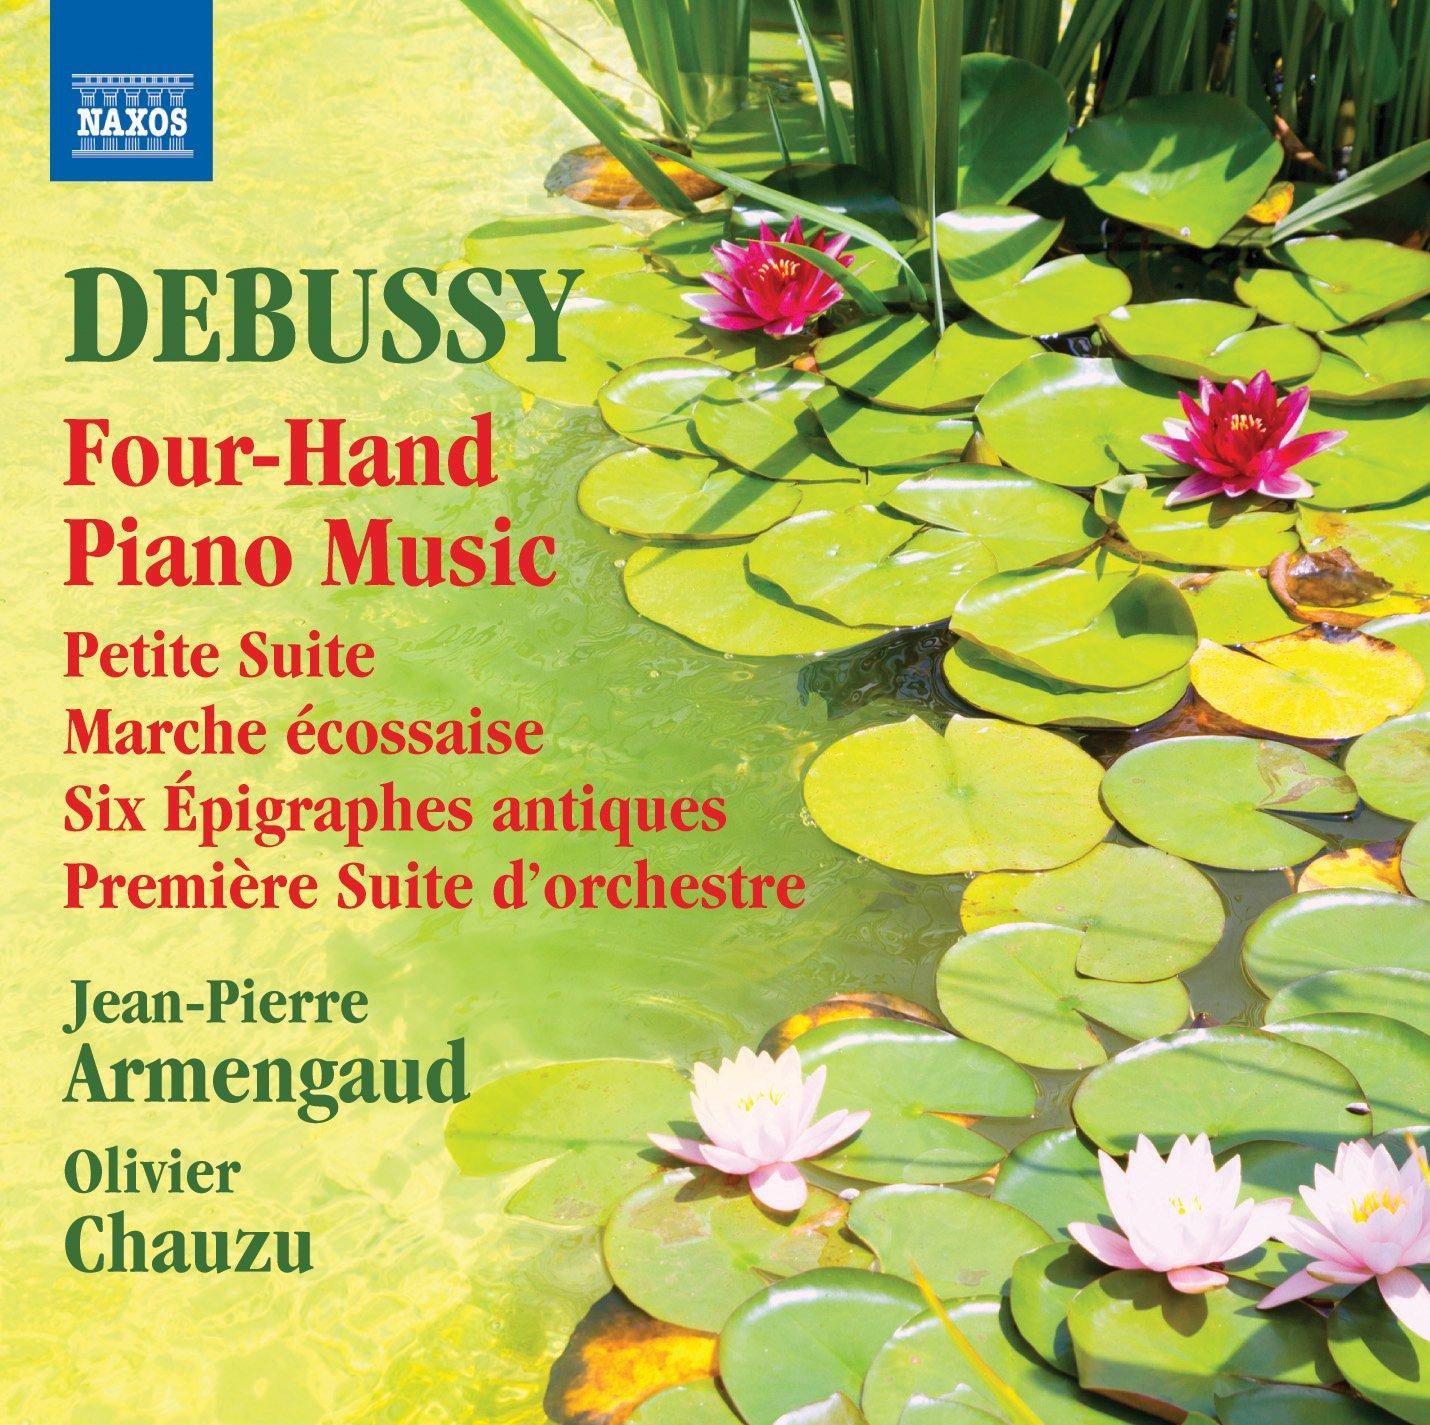 Armengaud chauzu debussy debussy four hand piano music armengaud chauzu debussy debussy four hand piano music amazon music izmirmasajfo